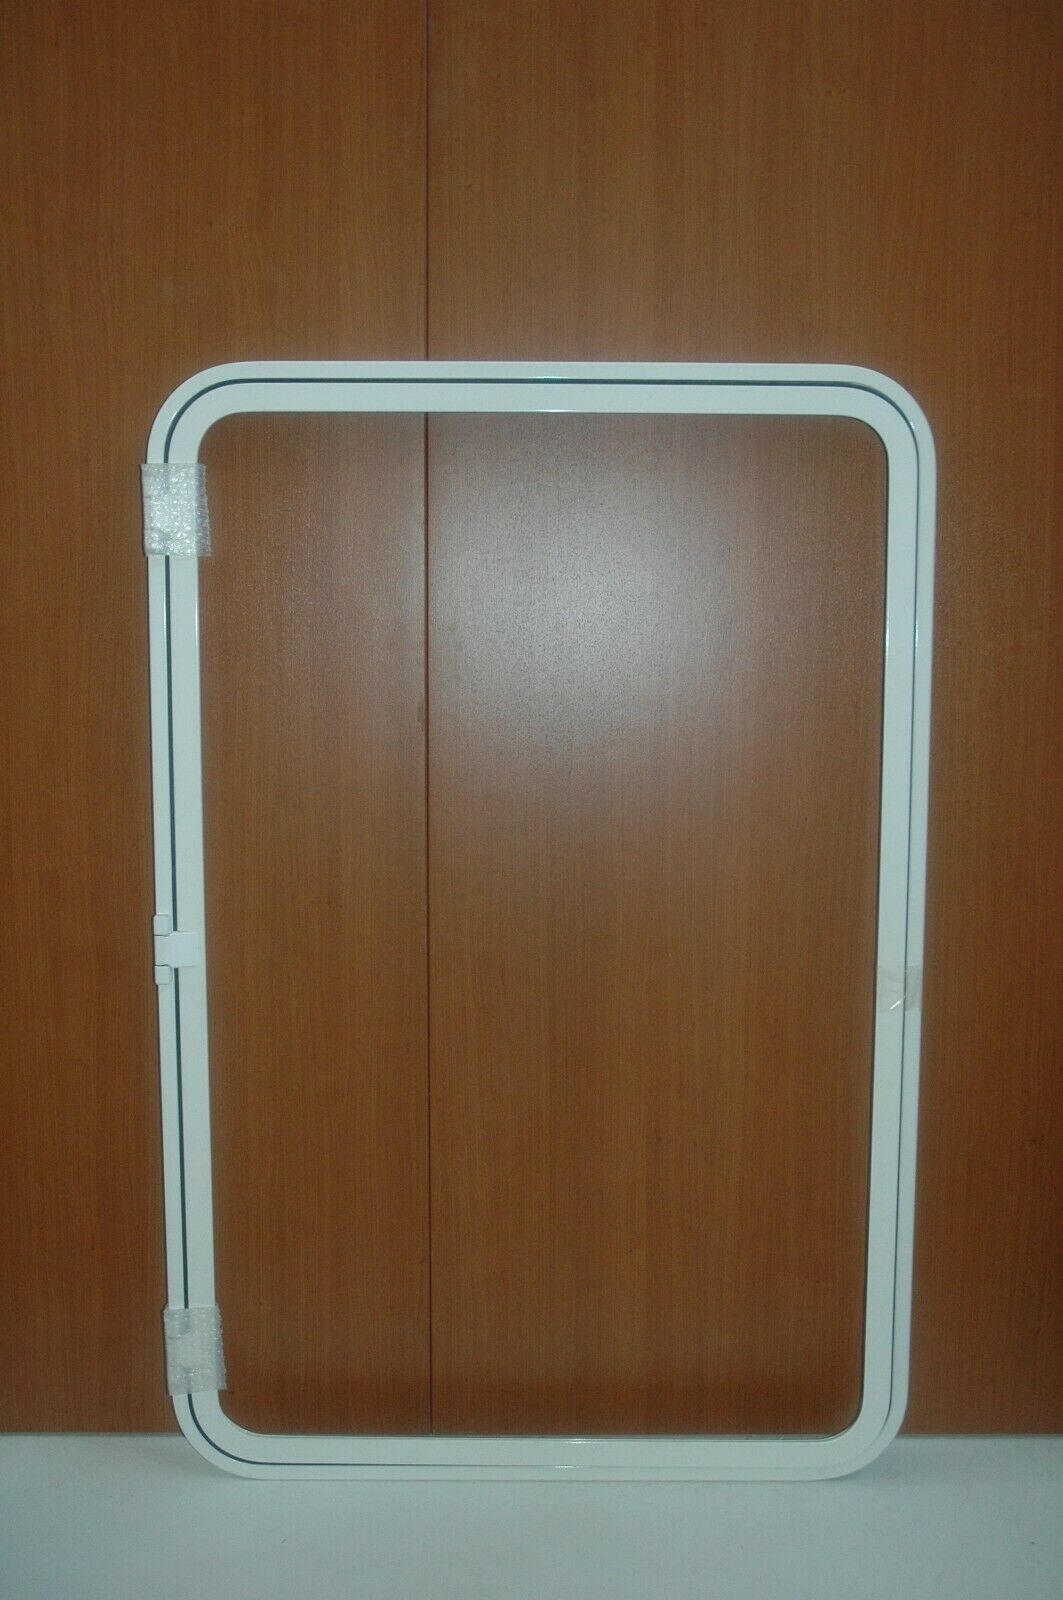 Serviceklappe Klappenrahmen 800 x 1205 mm weiß